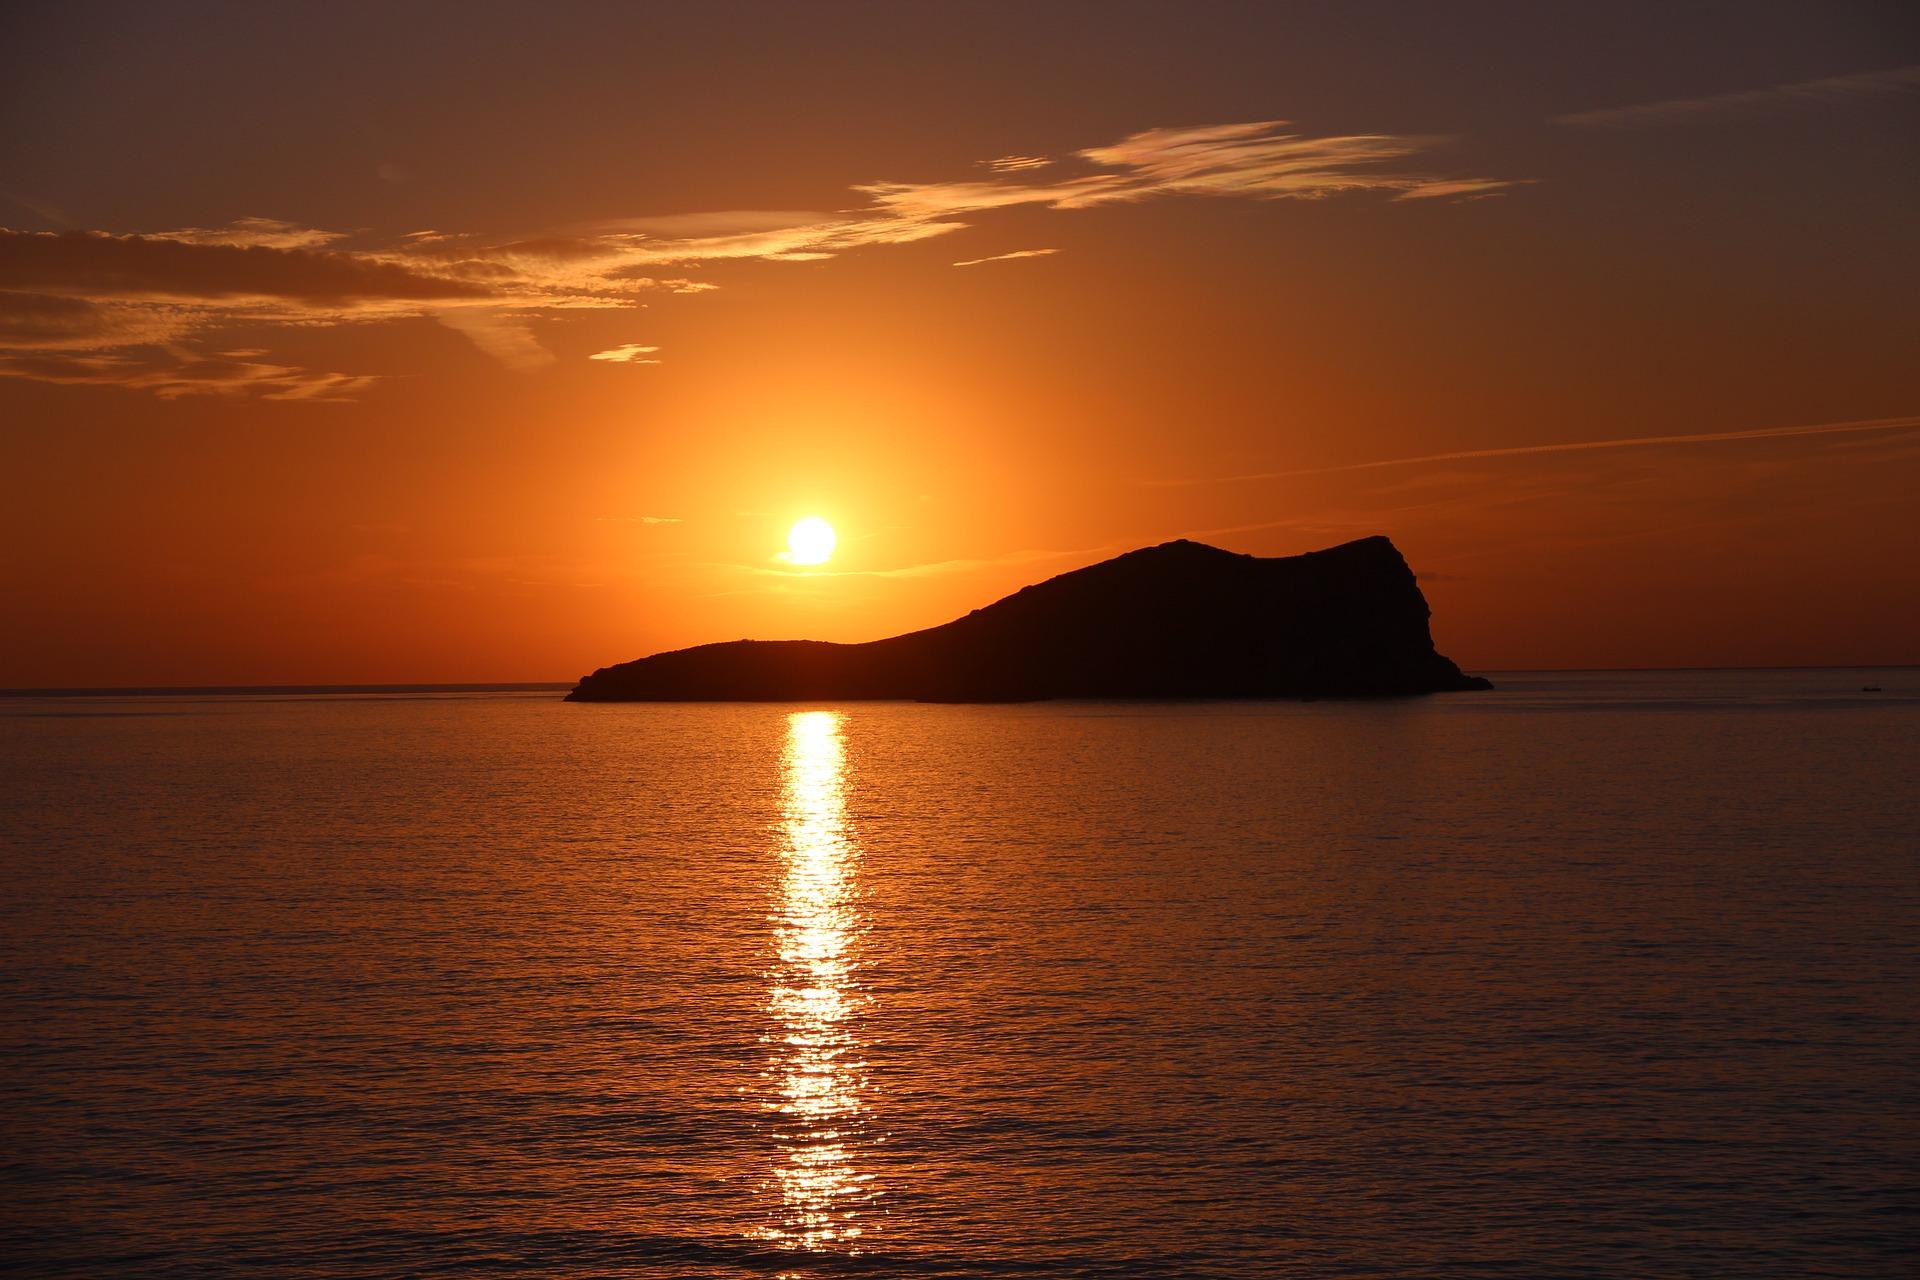 günstige Alternativen zu teuren Reisezielen Meer Berg Sonnenuntergang